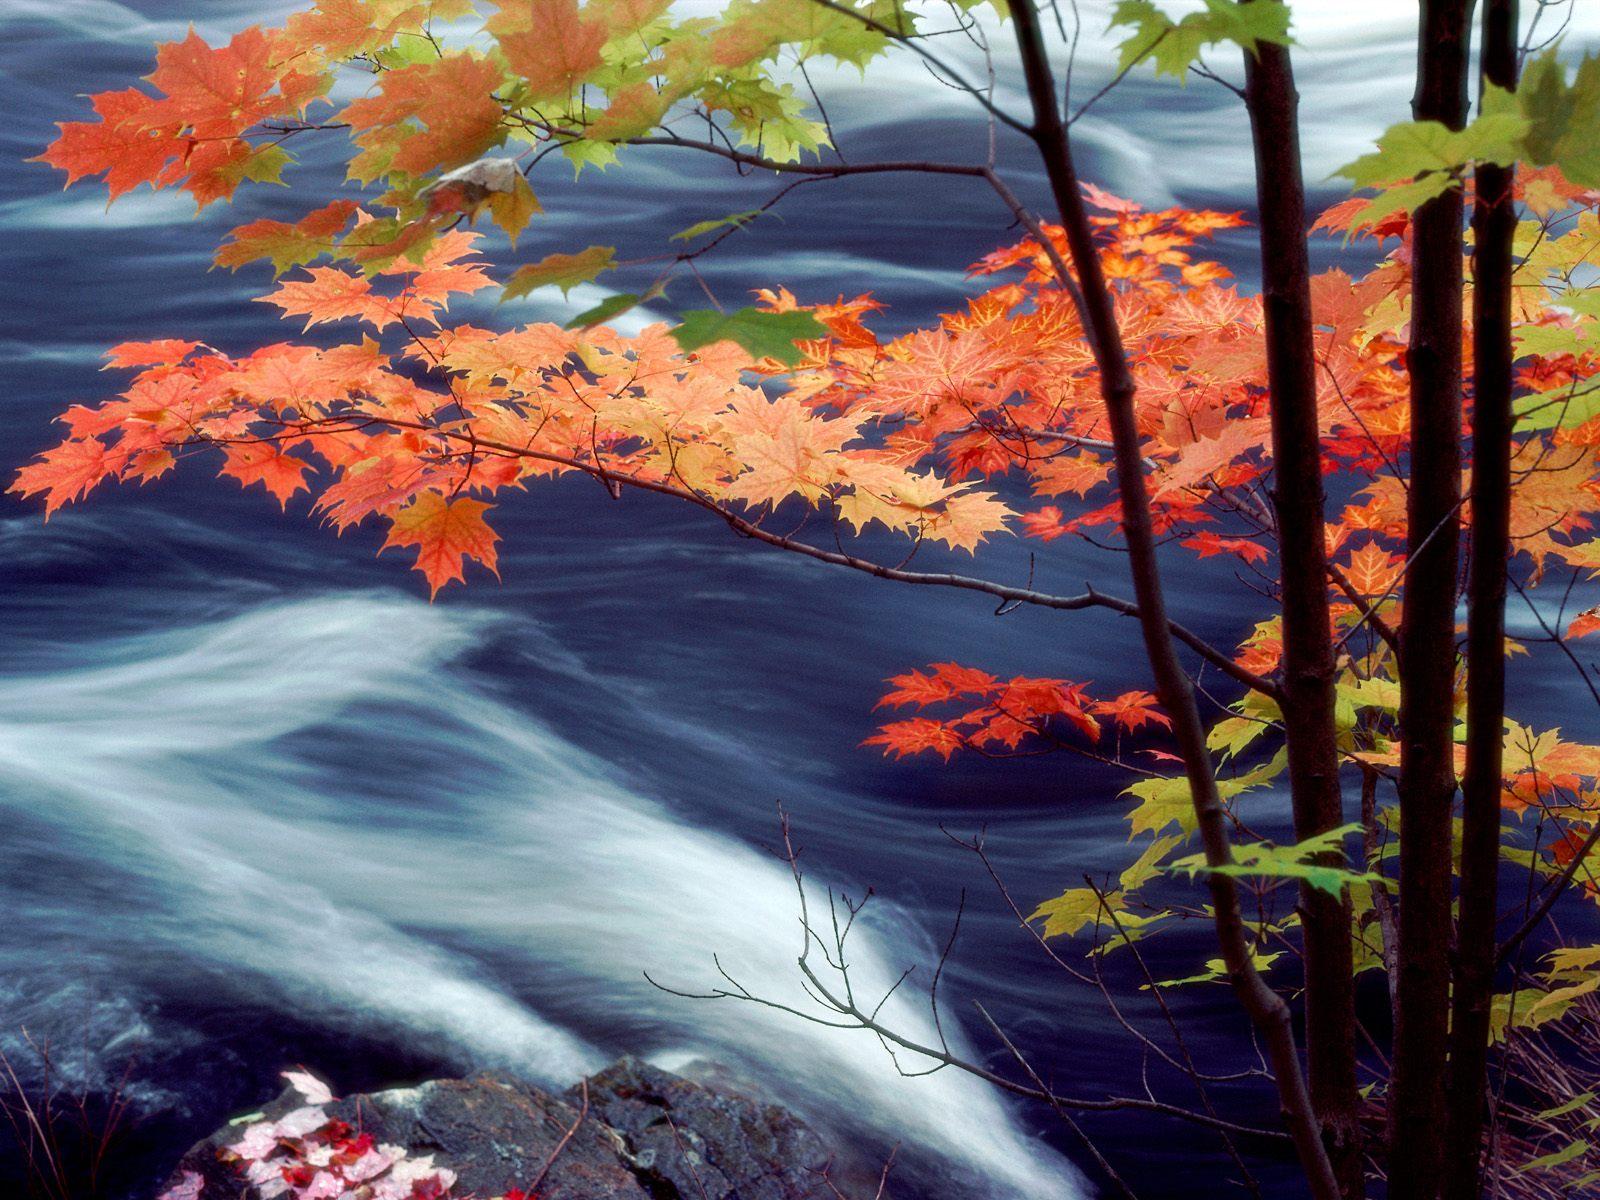 http://3.bp.blogspot.com/_RAlP3BmEW1Q/TQNjPRlvL5I/AAAAAAAABOU/hrwawOKKpvw/s1600/Herfst-achtergronden-herfst-wallpapers-32.jpg